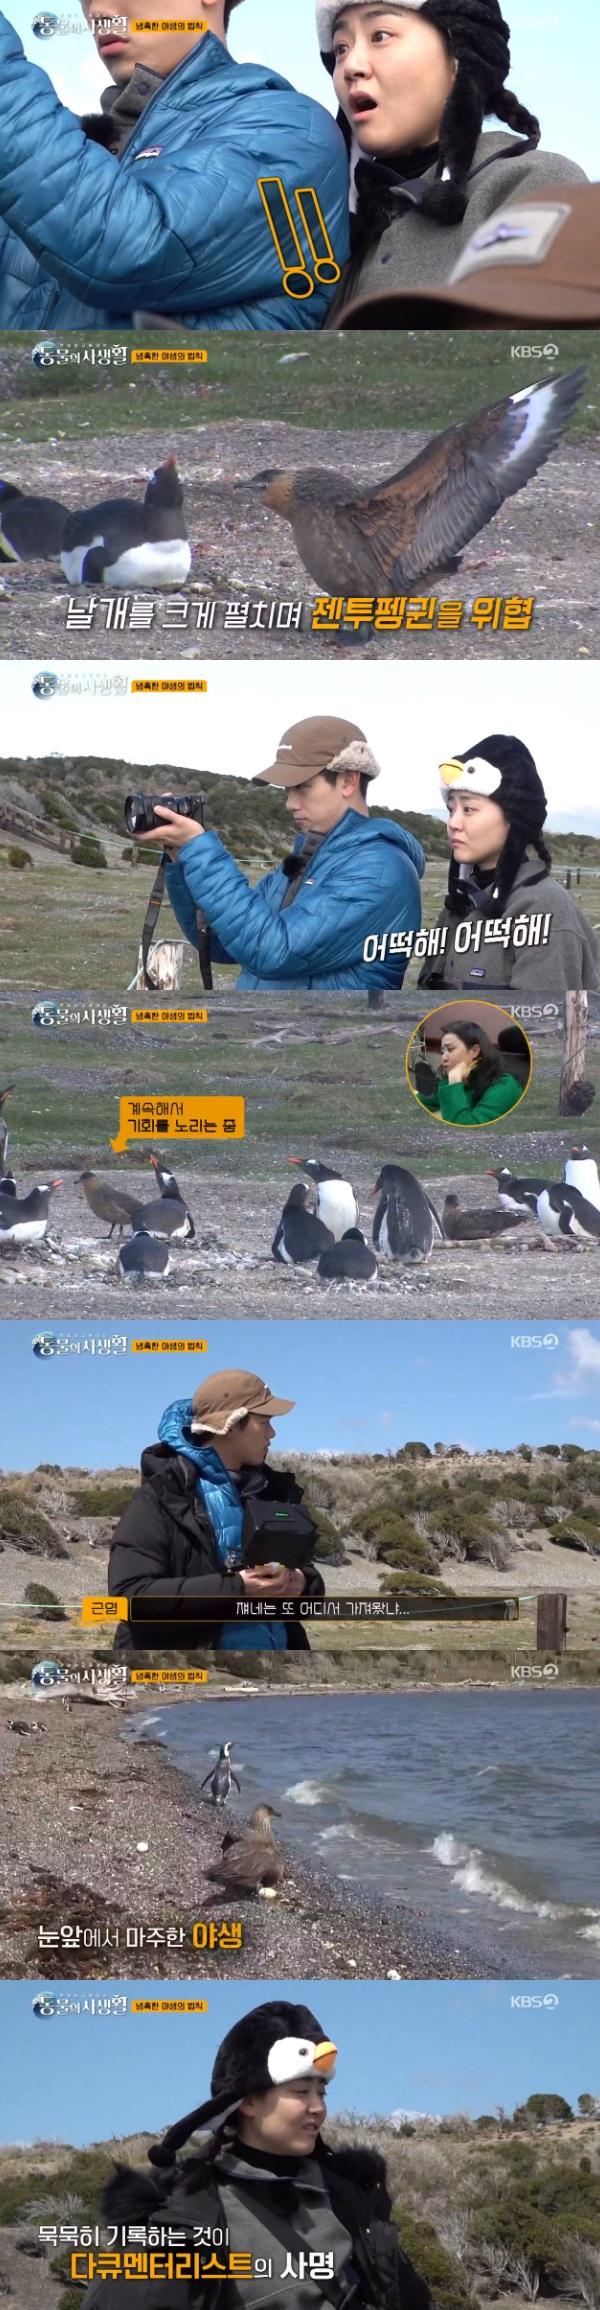 [종합] '동물의 사생활' 문근영X김혜성X에릭남, 냉혹한 자연의 섭리...